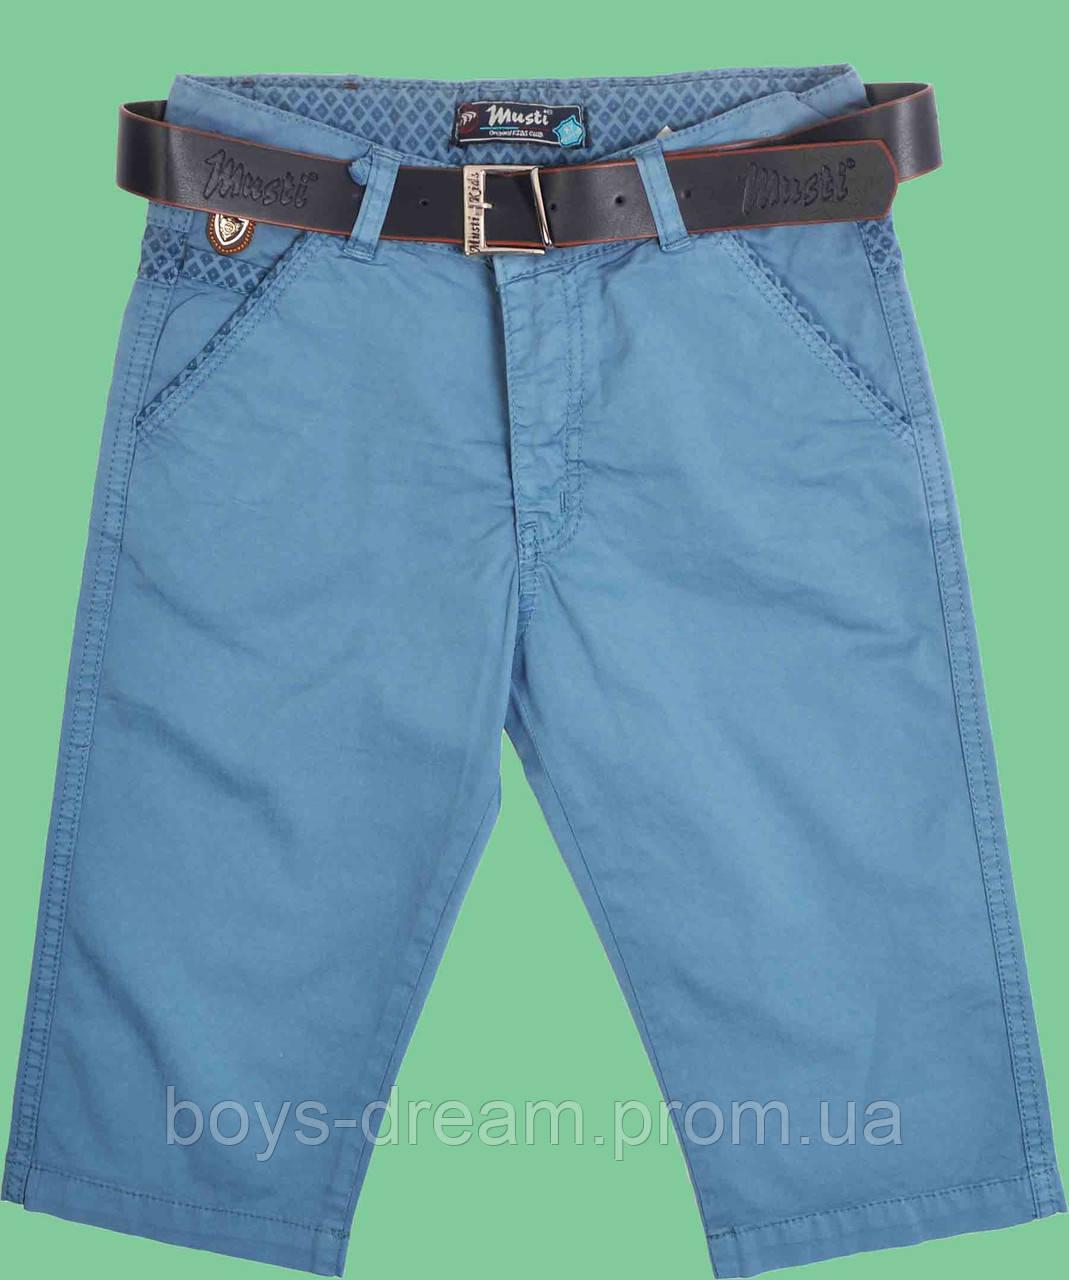 Бриджи, шорты для мальчика (152-170)(Турция)